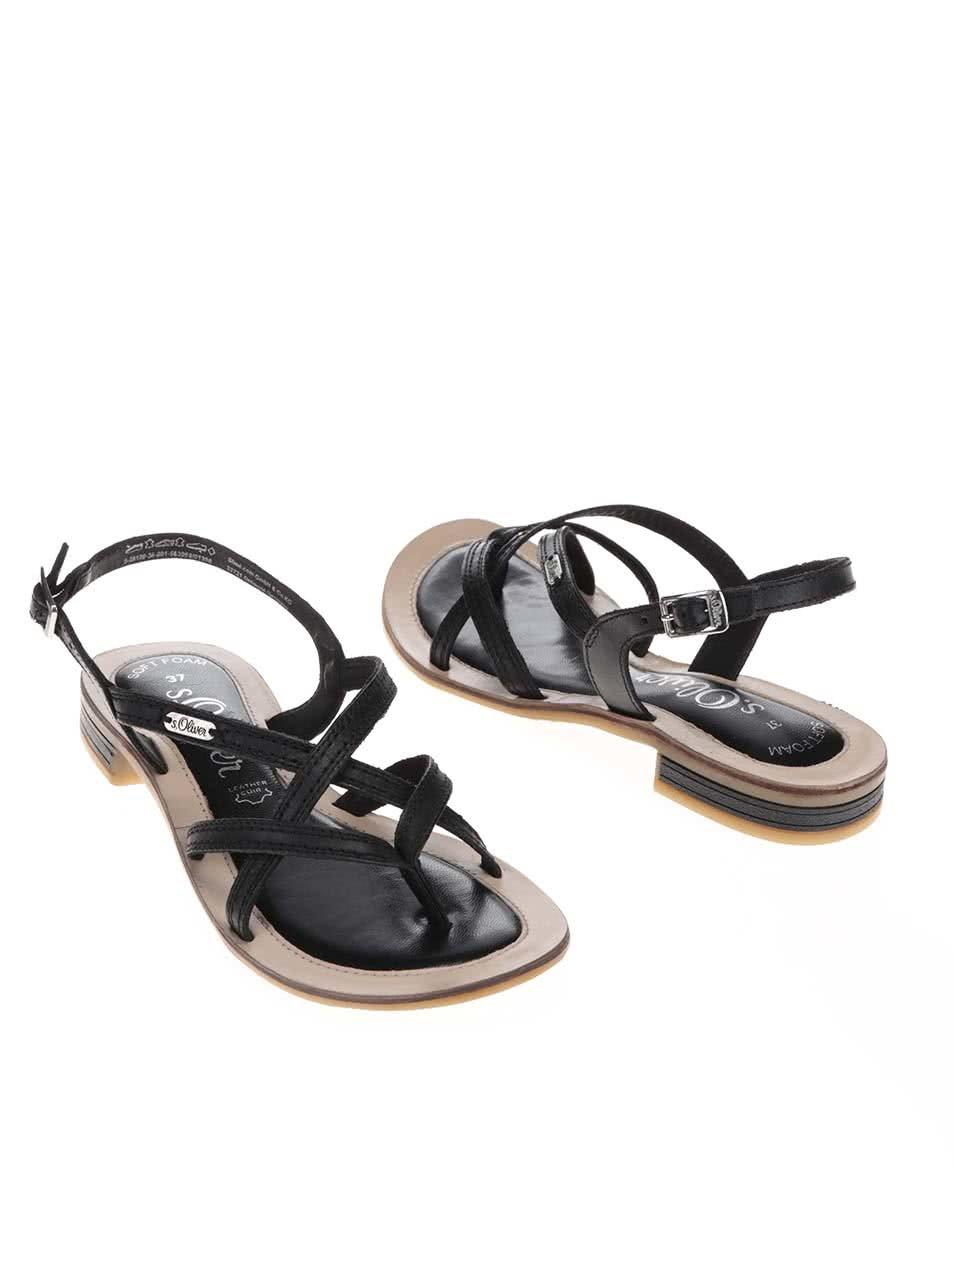 cc585de8adb8 Černé kožené dámské sandálky s tenkou podrážkou s.Oliver ...